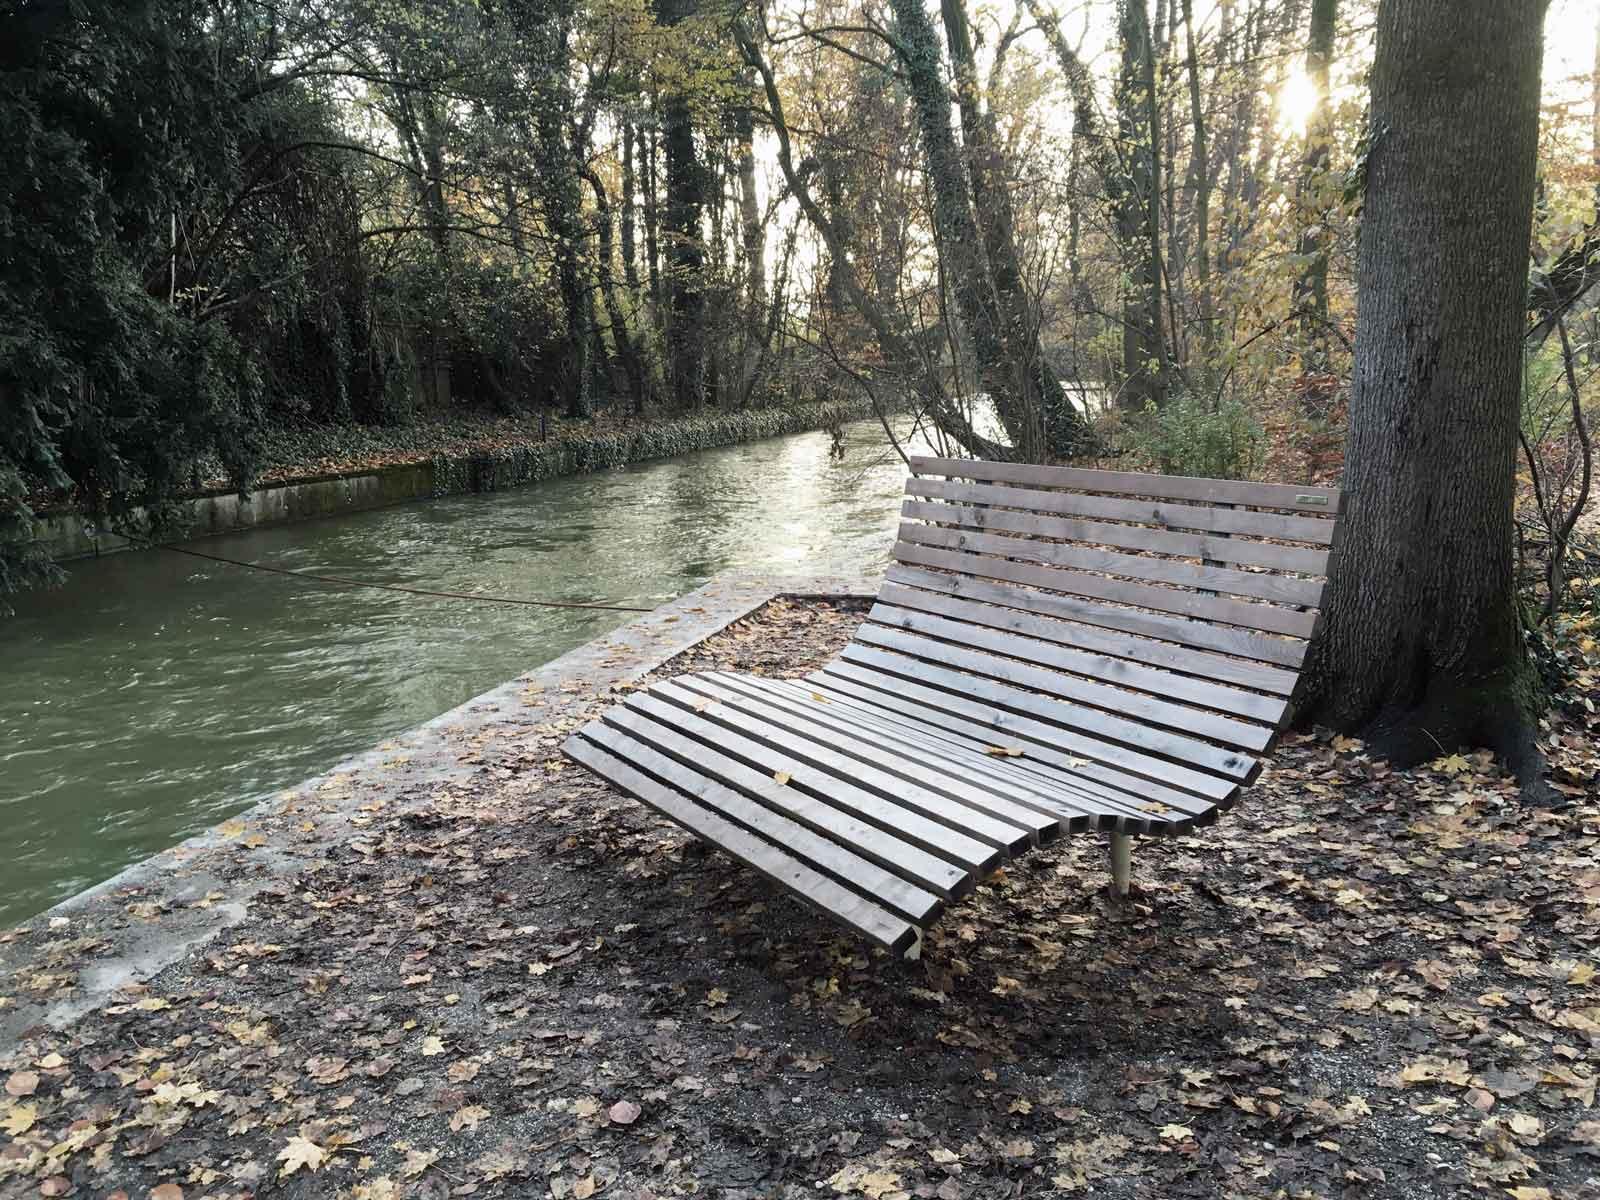 Banco-de-madeira-em-forma-de-onda